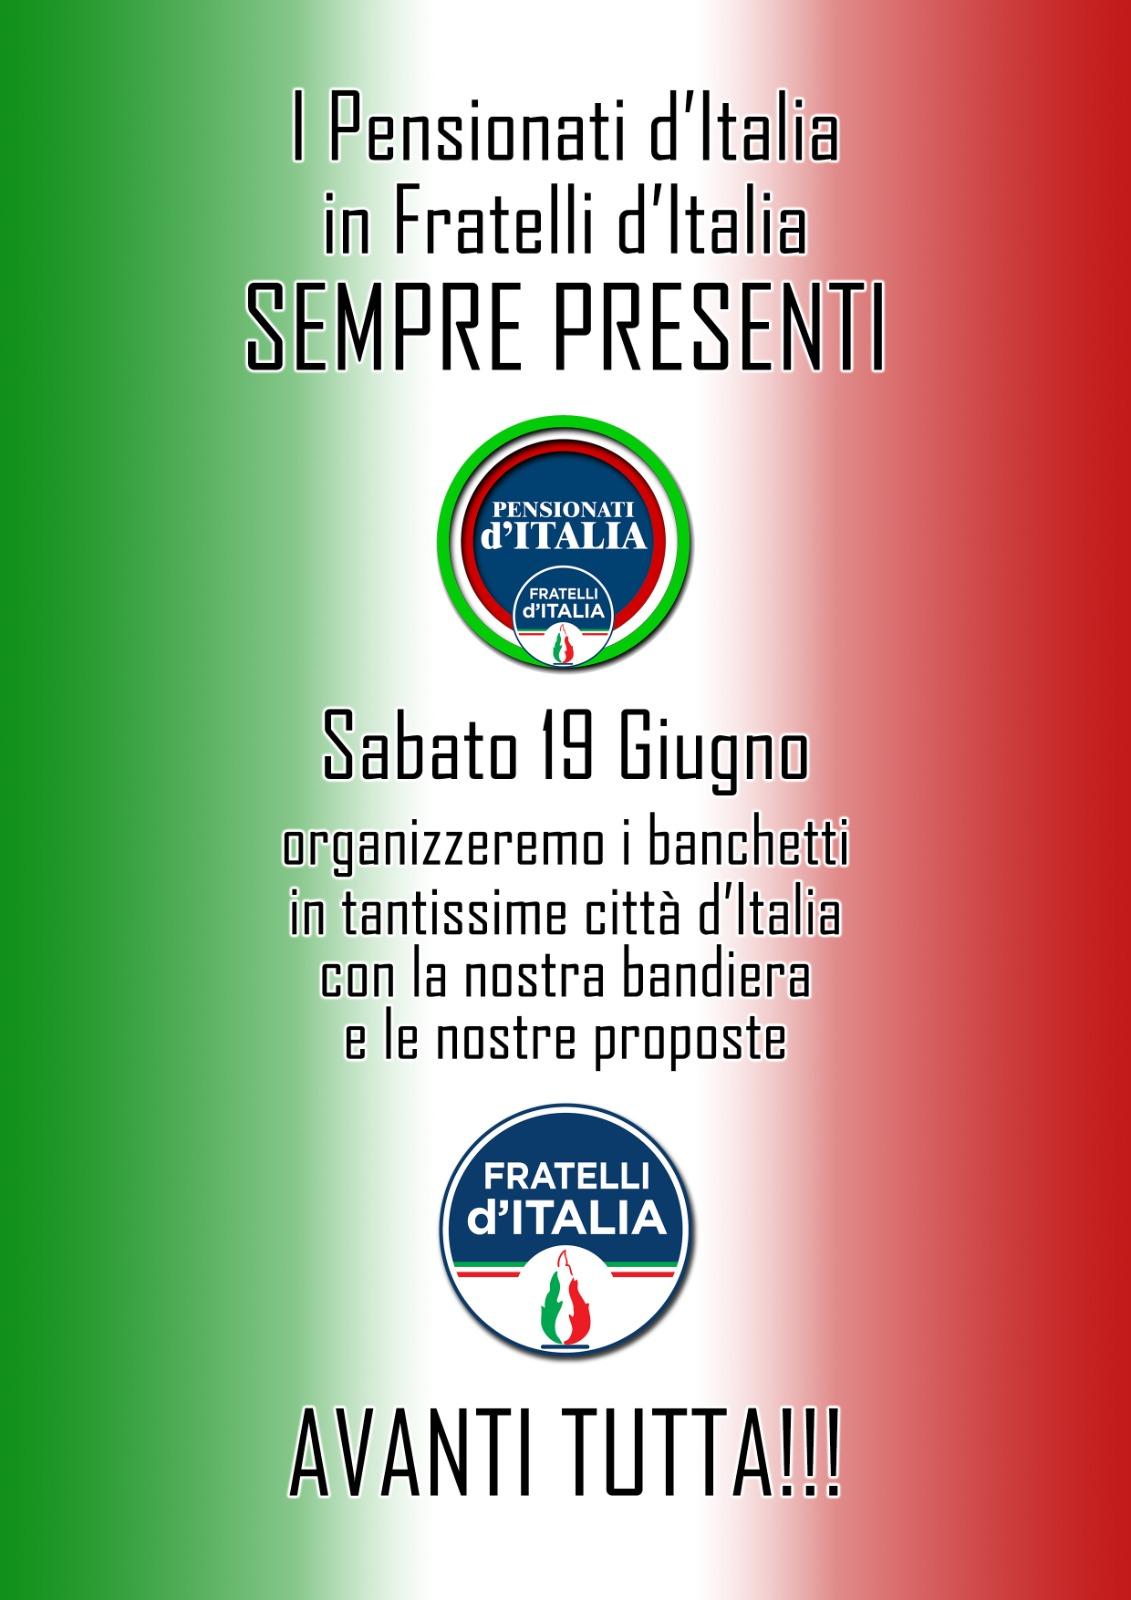 Italia, 19 giugno 2021